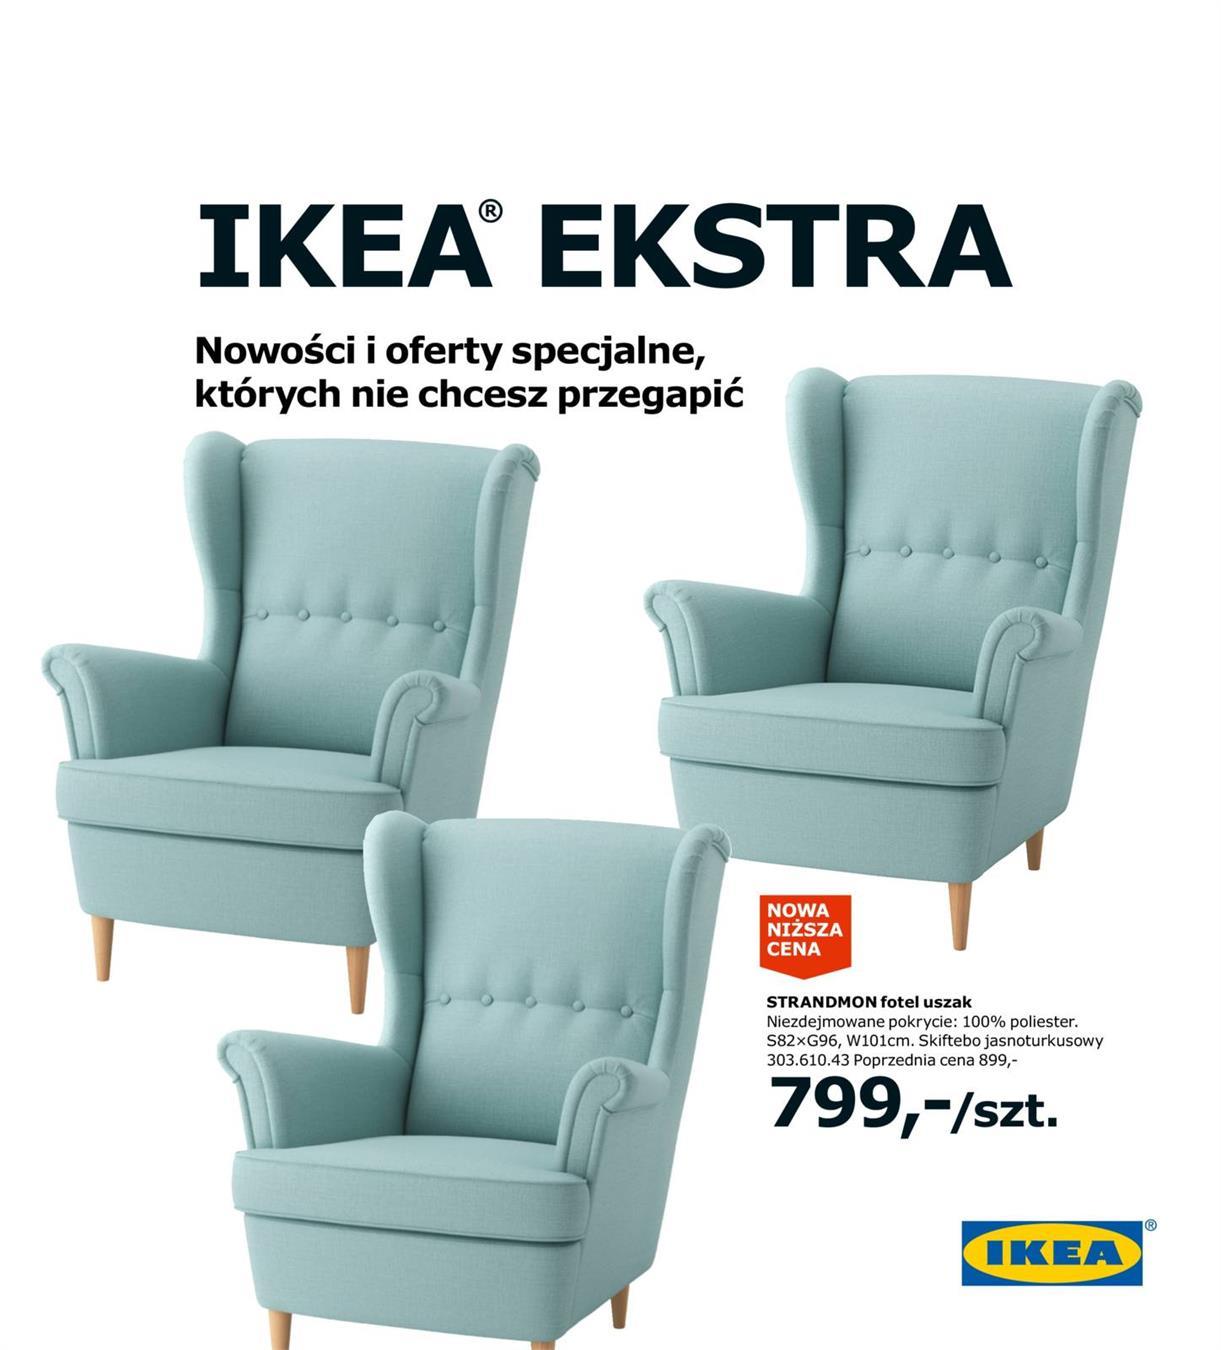 Gazetka Promocyjna Ikeacom Pl Ikea Extra Sierpień 2017